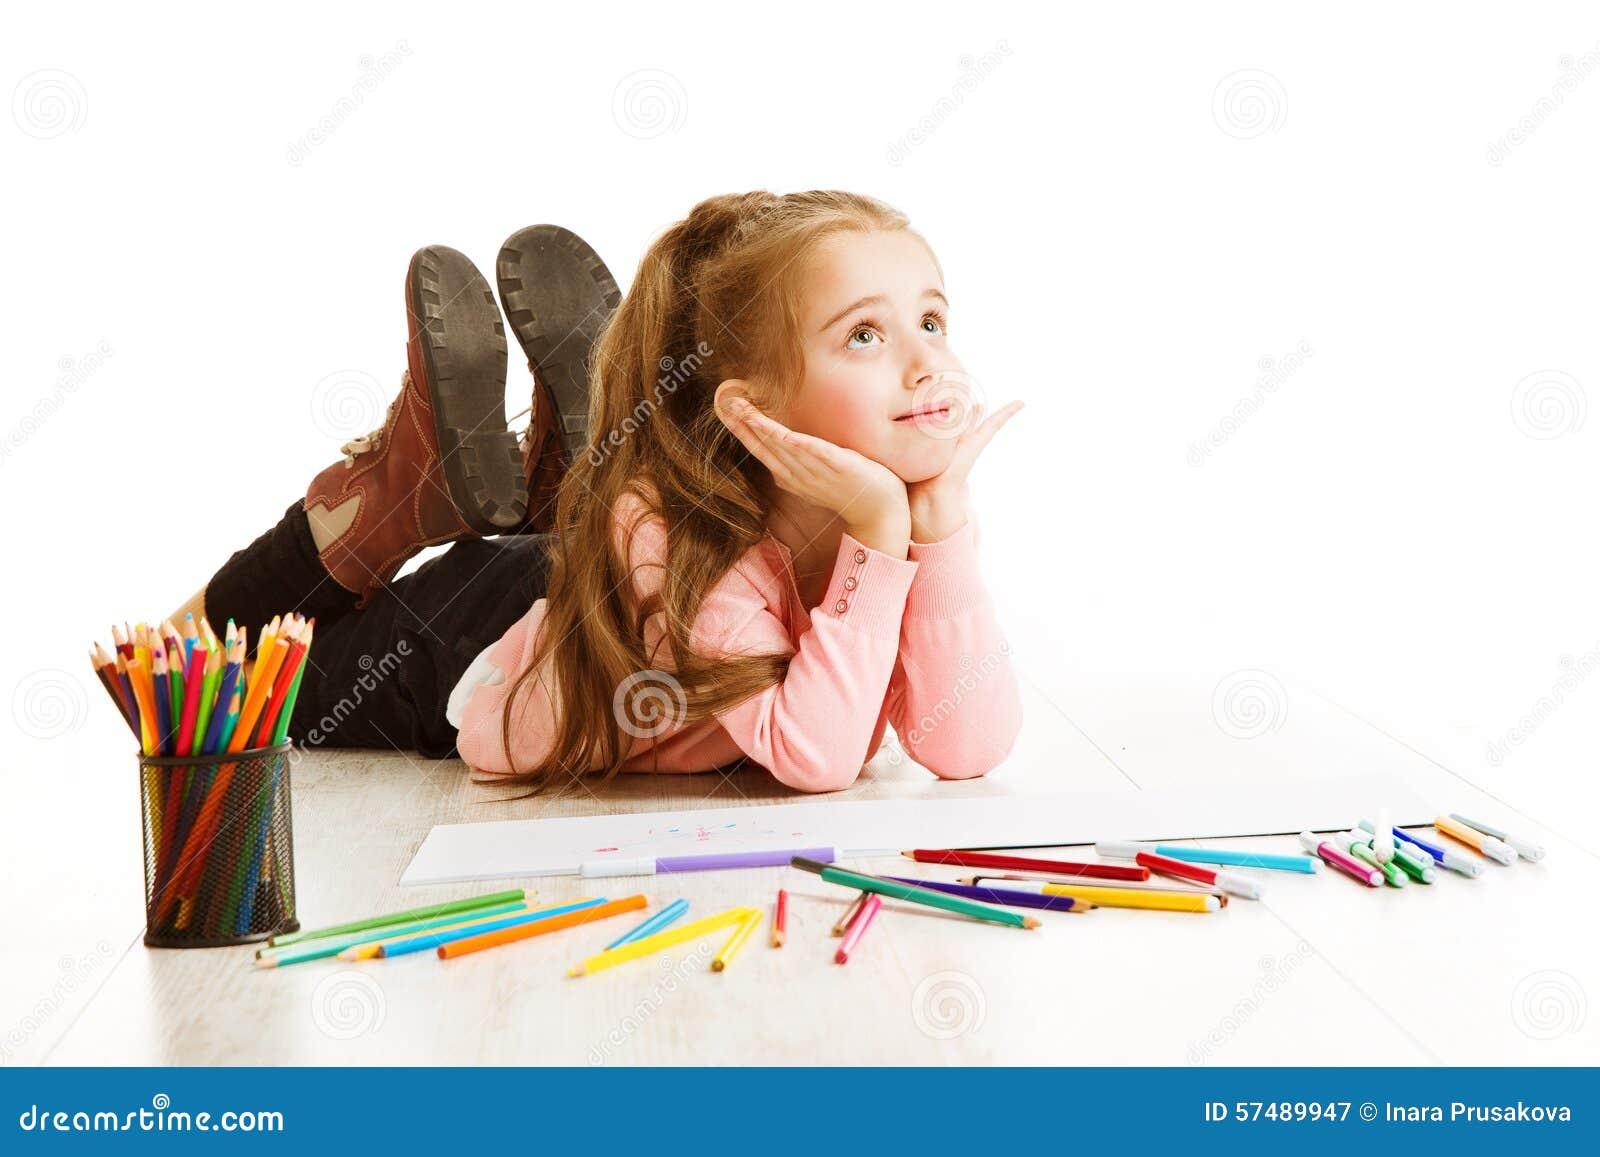 Schooljong geitje die, Onderwijsinspiratie, Kindmeisje het Dromen denken